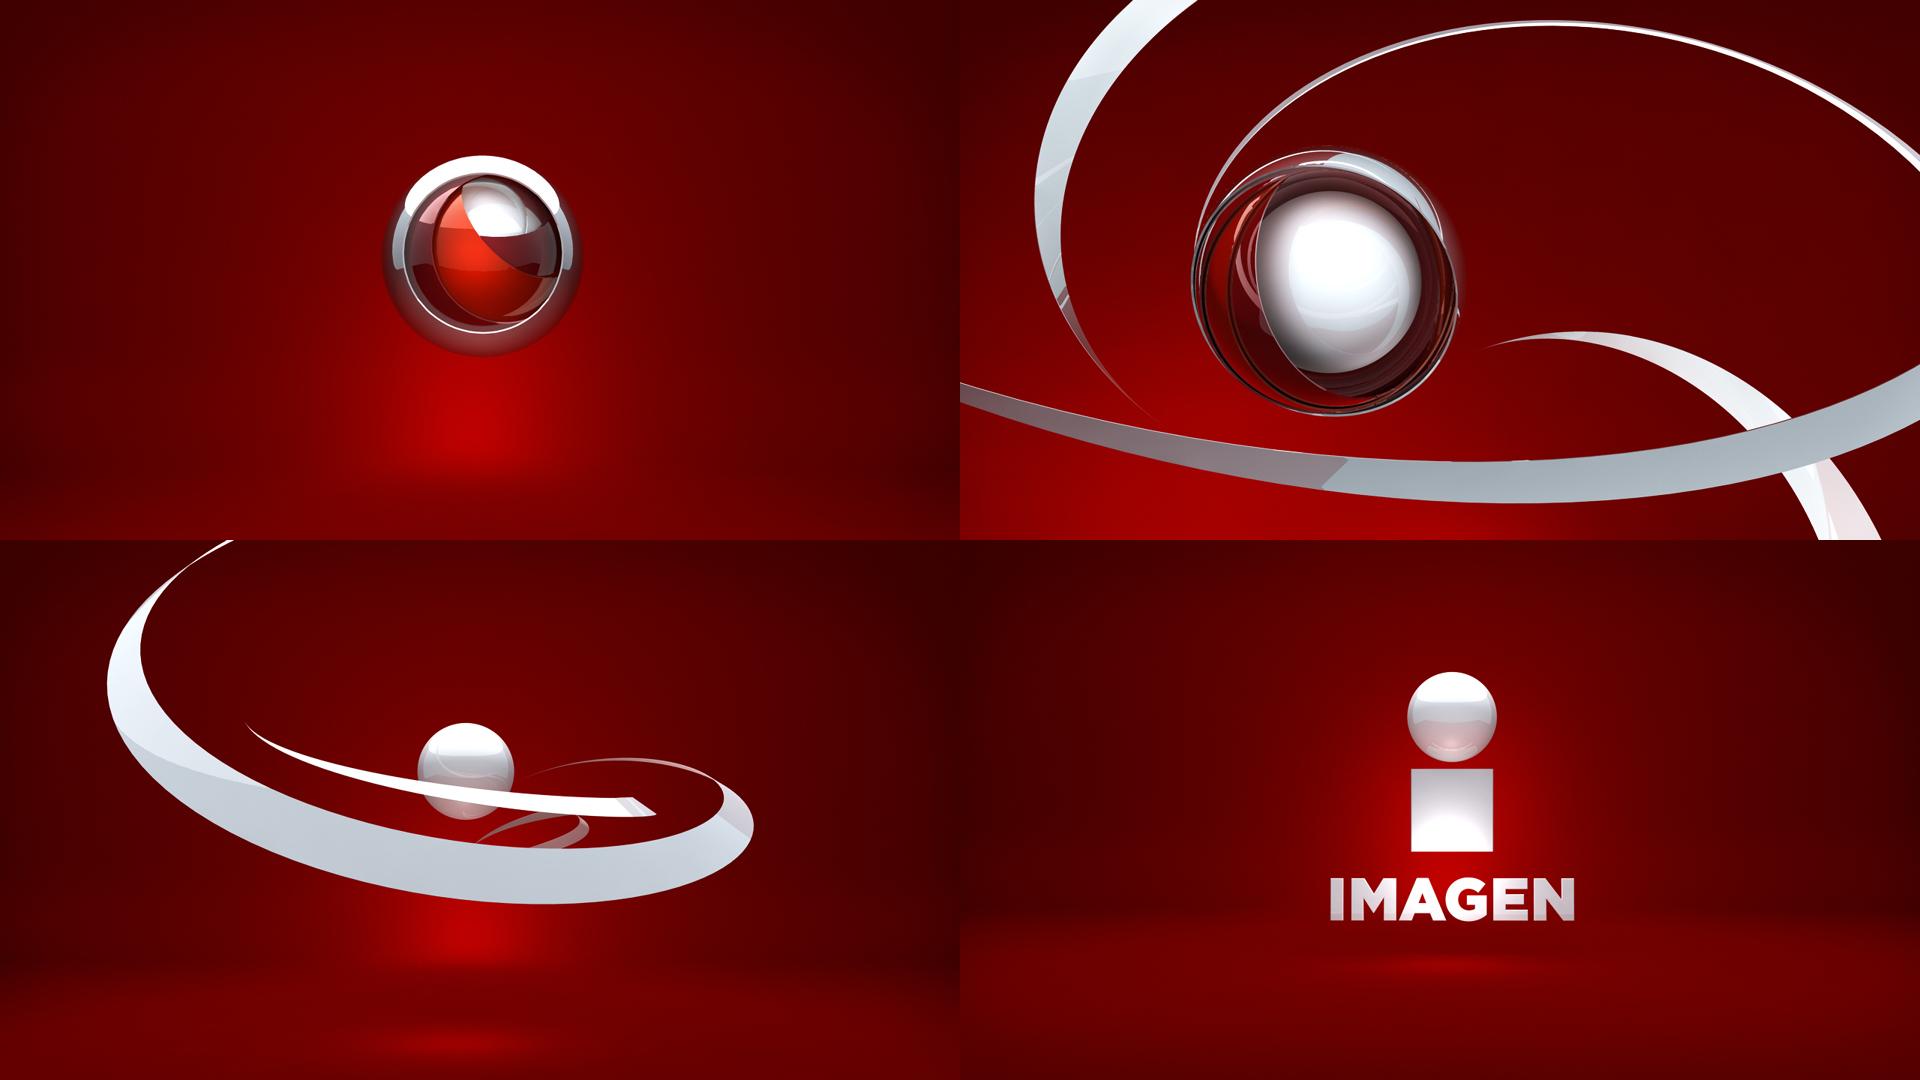 Grupo_Images_Broadcast_Design_06.jpg